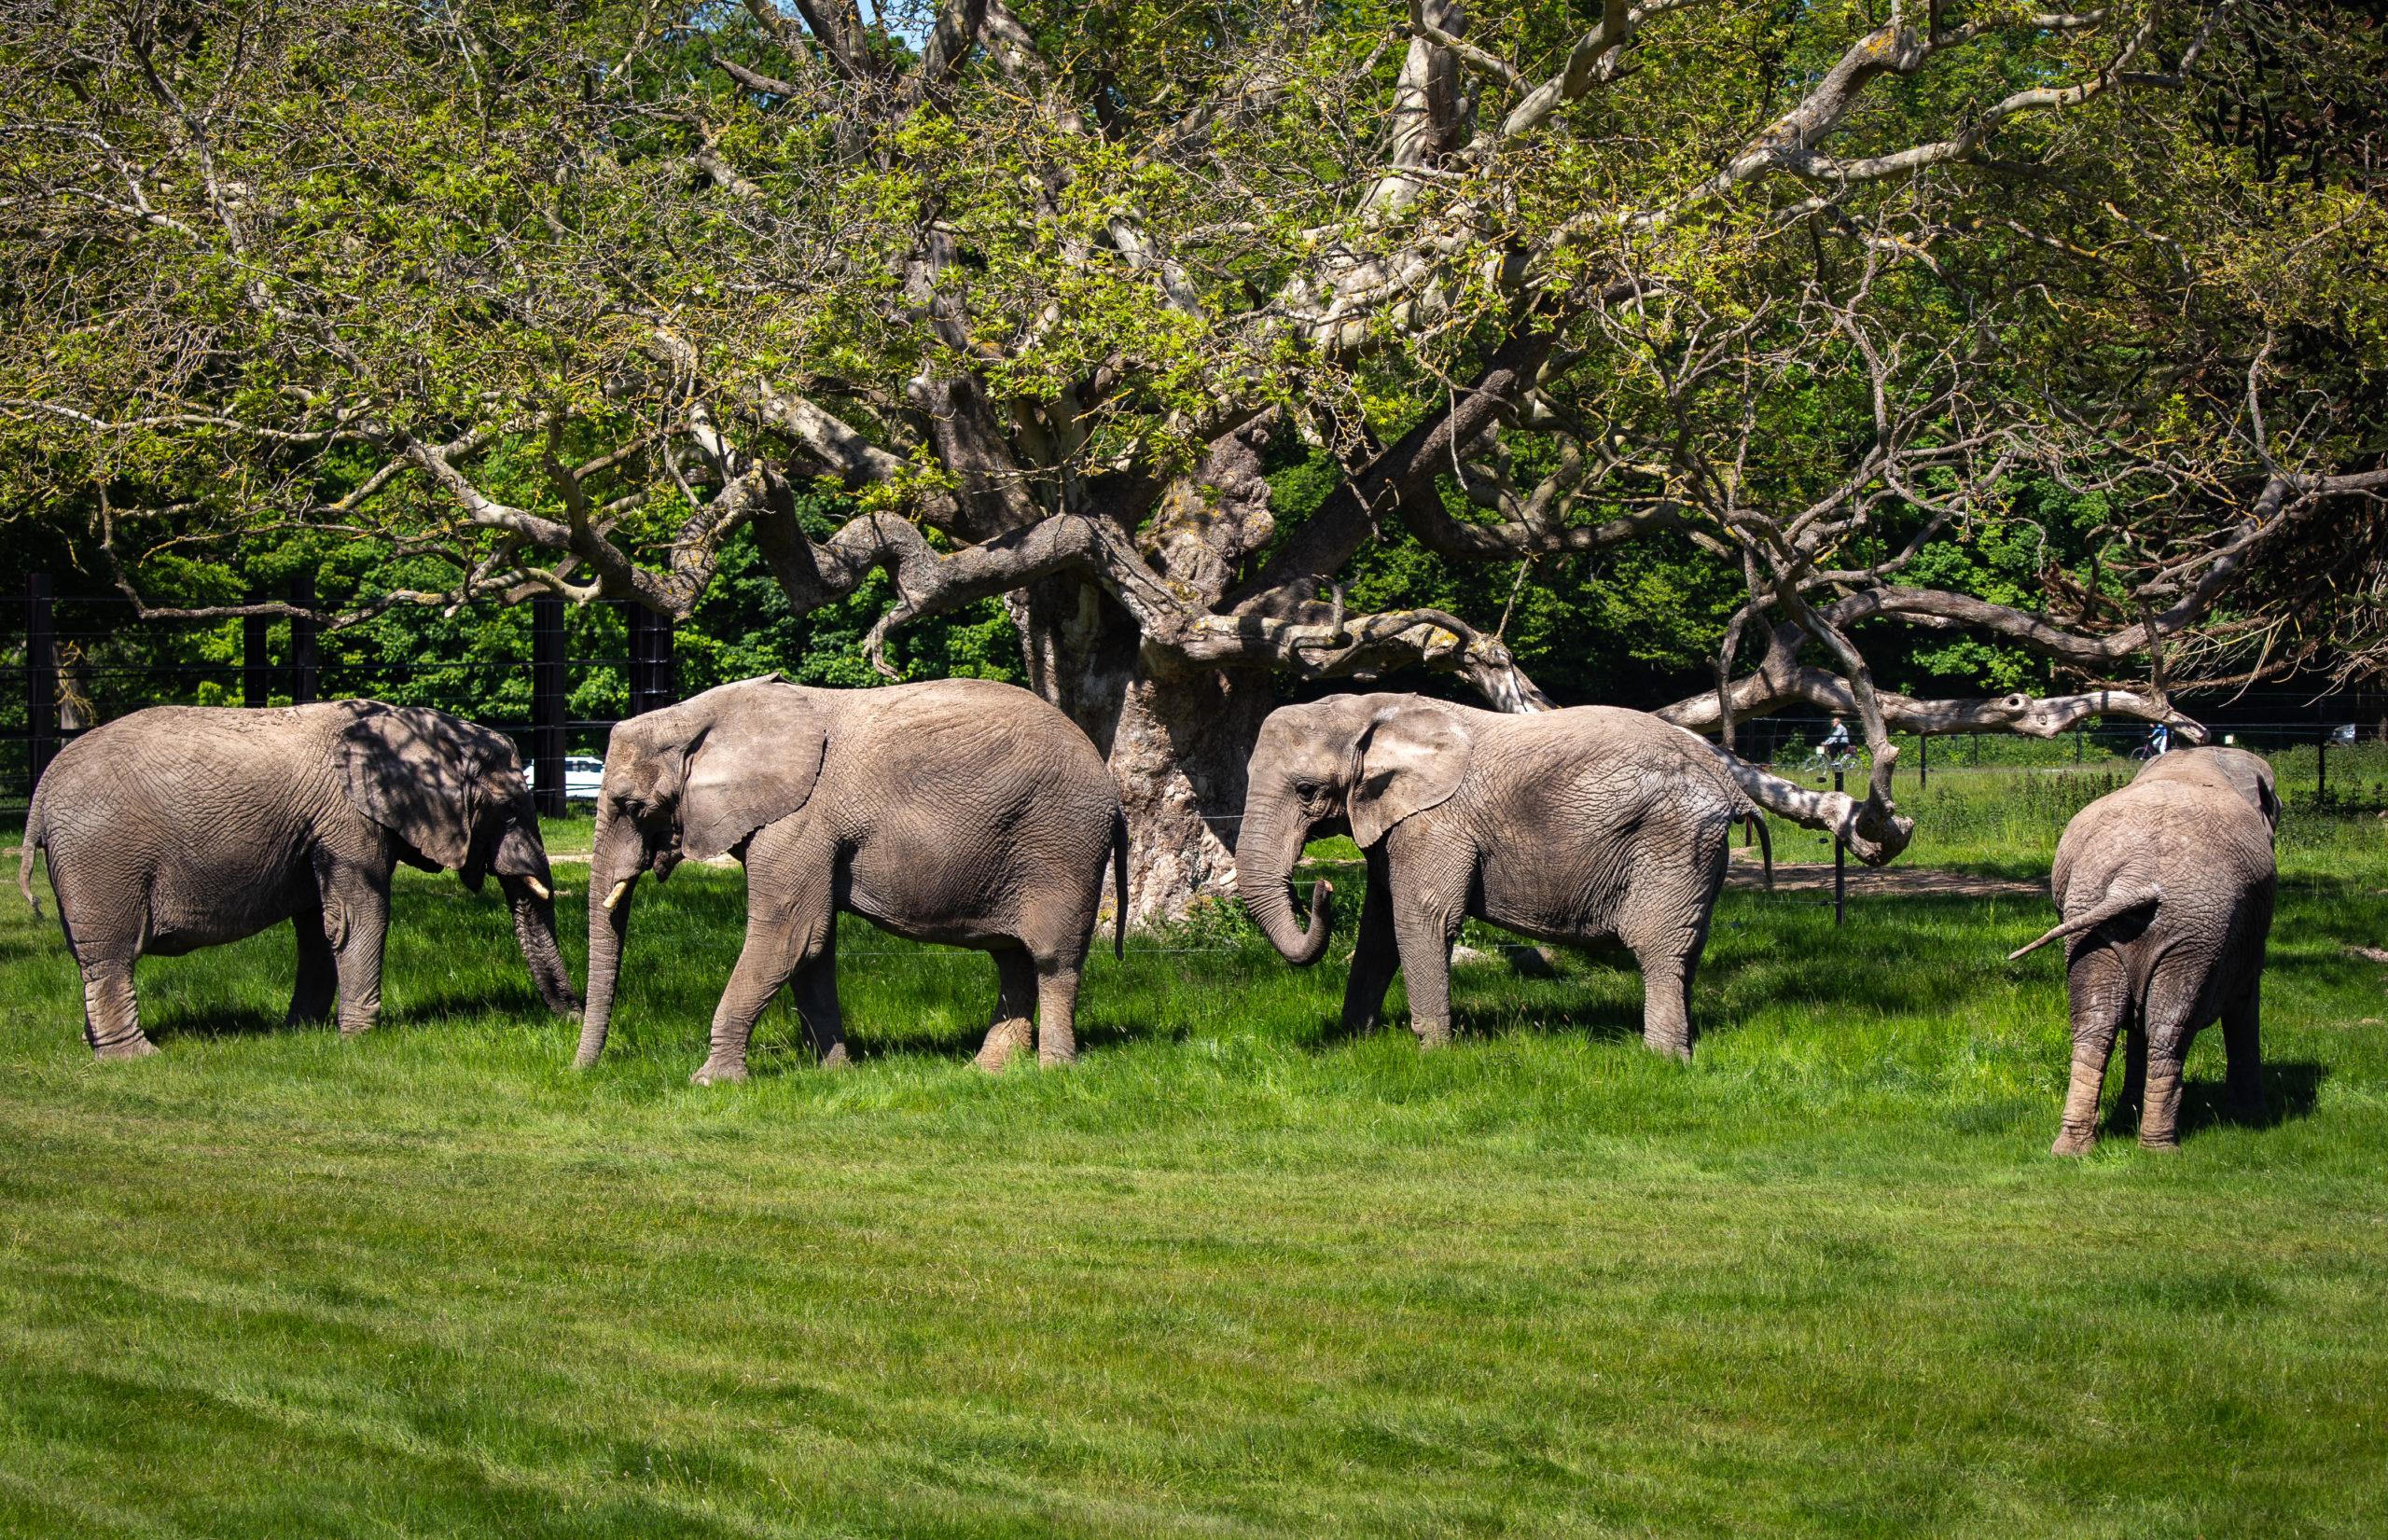 Knuthenborg Safaripark var sidste år den mest besøgte attraktion i destinationsselskabet VisitLolland-Falster. Knuthenborg var Danmarks 7. mest besøgte attraktion med en vækst på 32 procent flere besøg i forhold til 2019, blandt andet som følge af tilkomsten af disse fire pensionerede cirkuselefanter. I alt havde parken 410.000 besøgende, et plus på 100.000. PR-foto: Knuthenborg Safaripark.